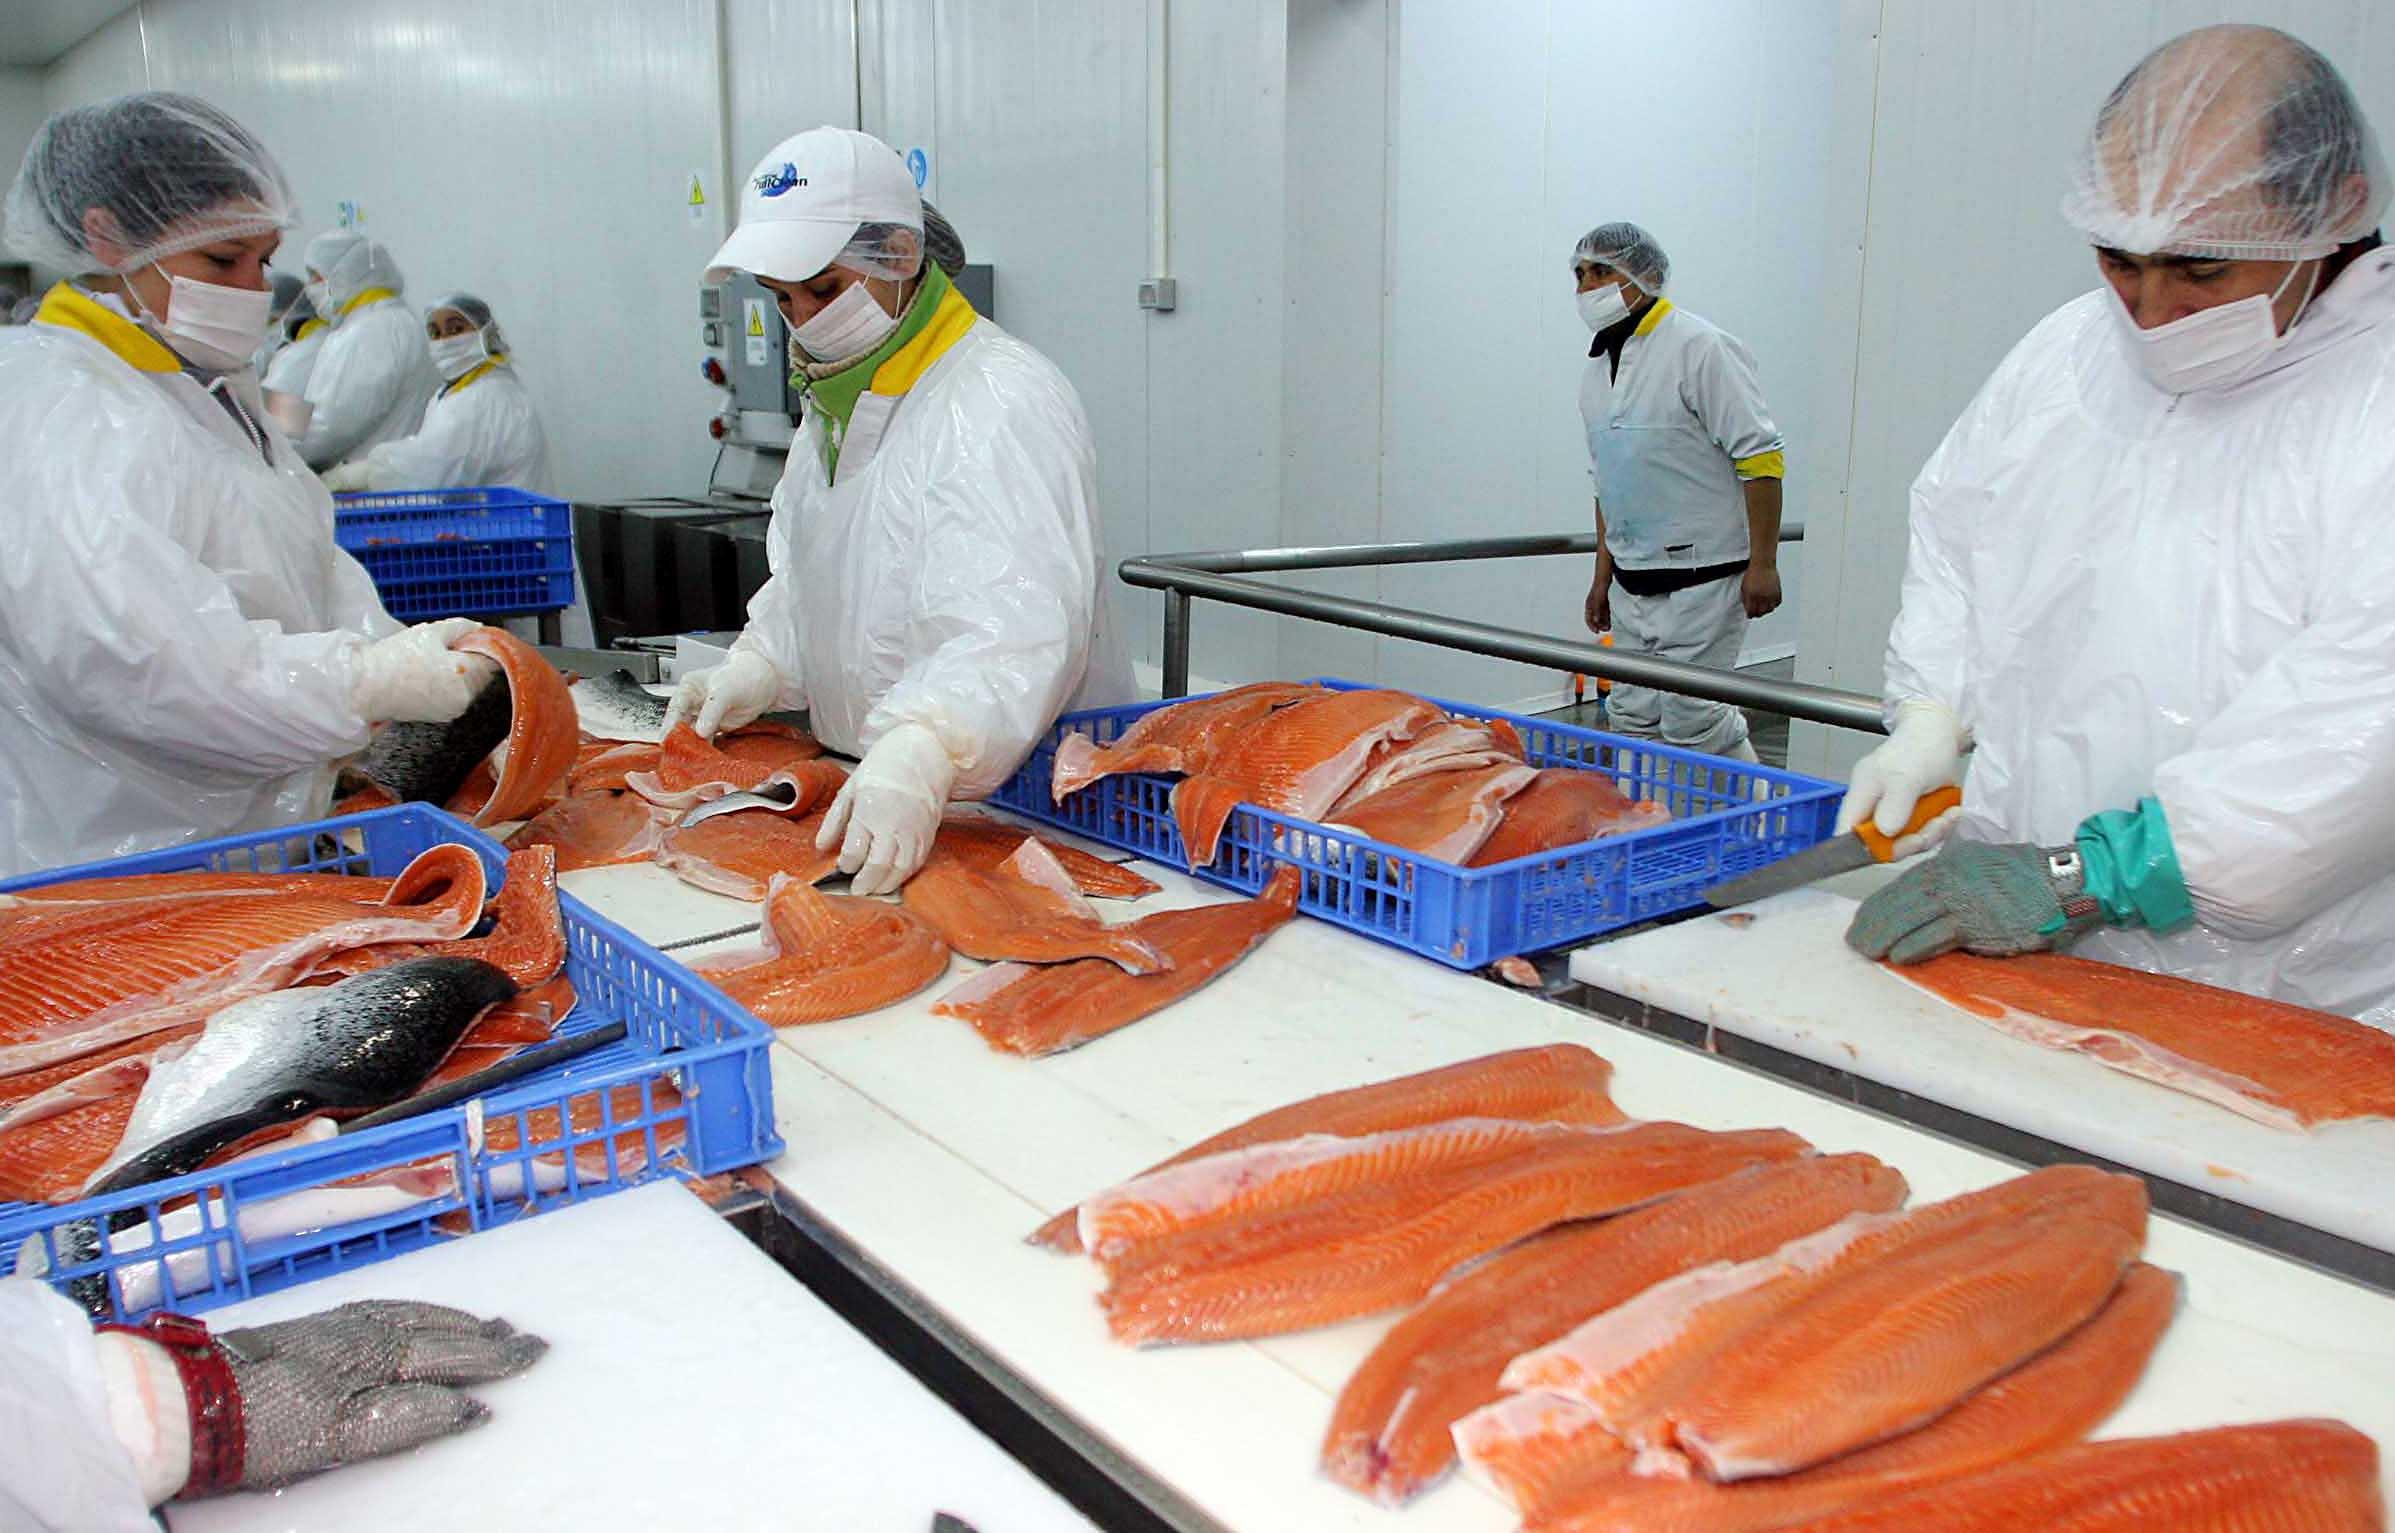 Otro efecto del coronavirus en exportaciones: China suspende envíos de salmón